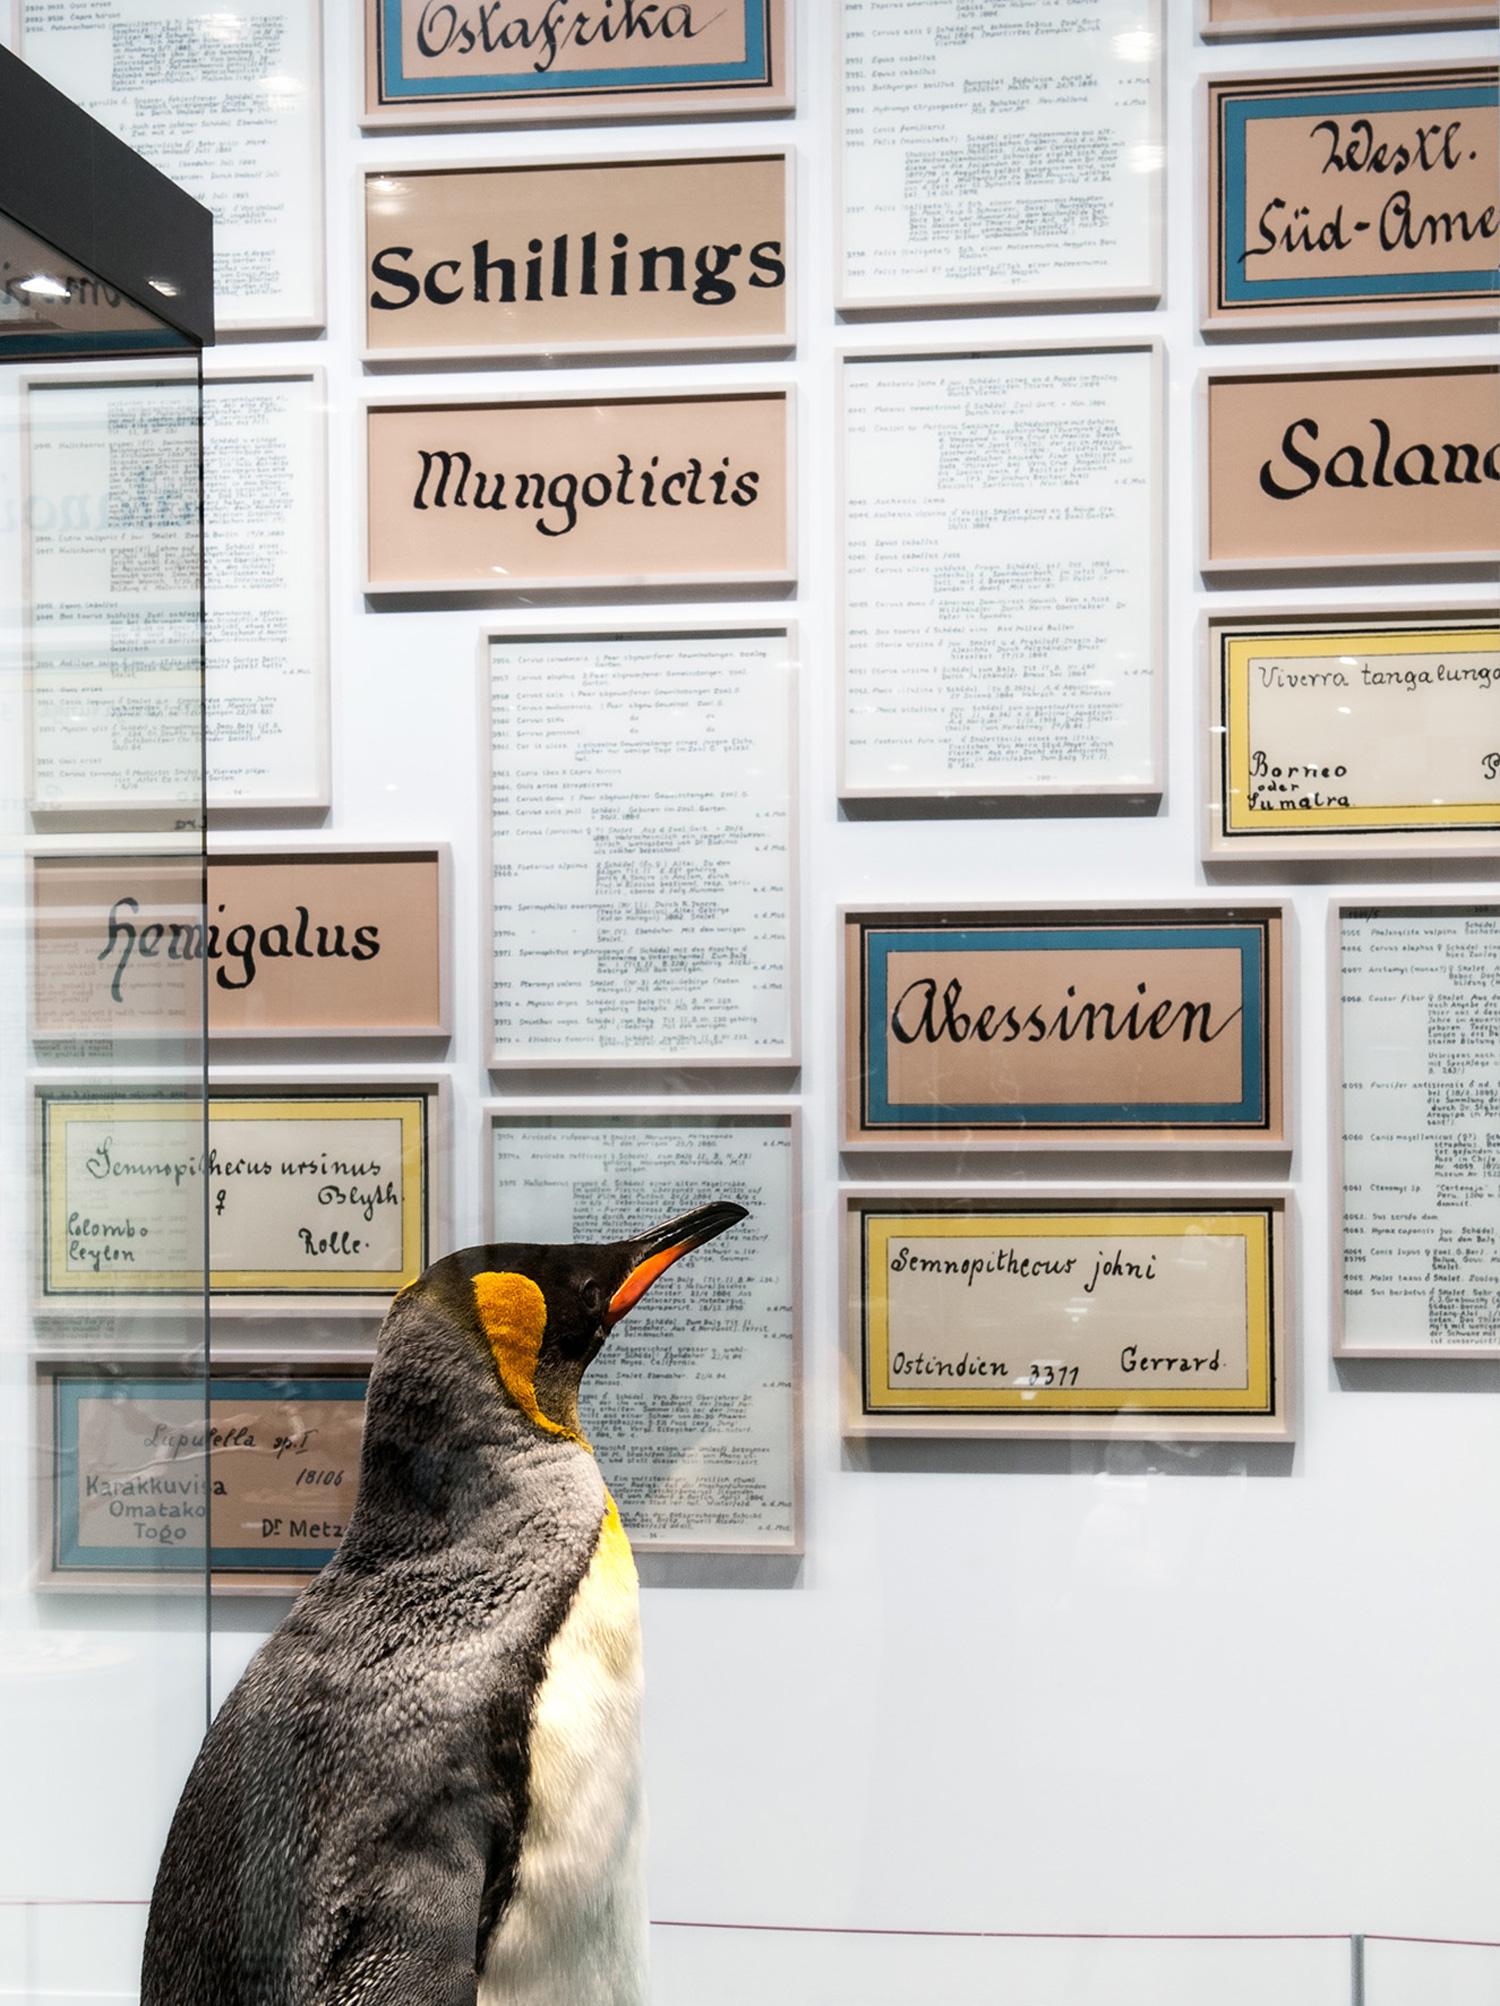 Galerie Barbara Thumm \ Fernando Bryce – Paradoxurus adustus / Auf frischer Tat